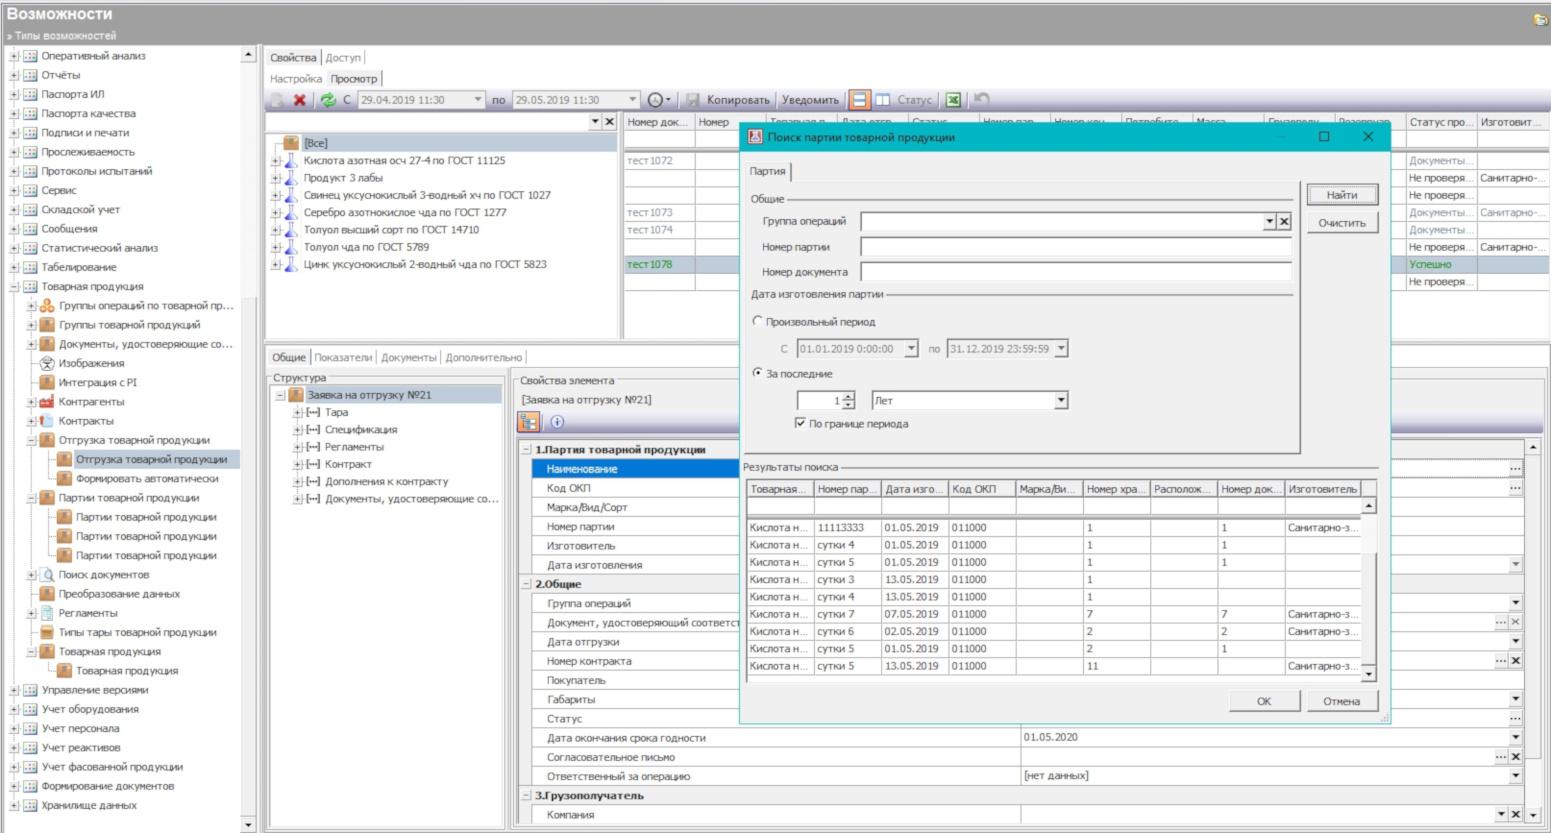 Лабораторно-информационная система (ЛИМС/LIMS/ЛИС) I-LDS